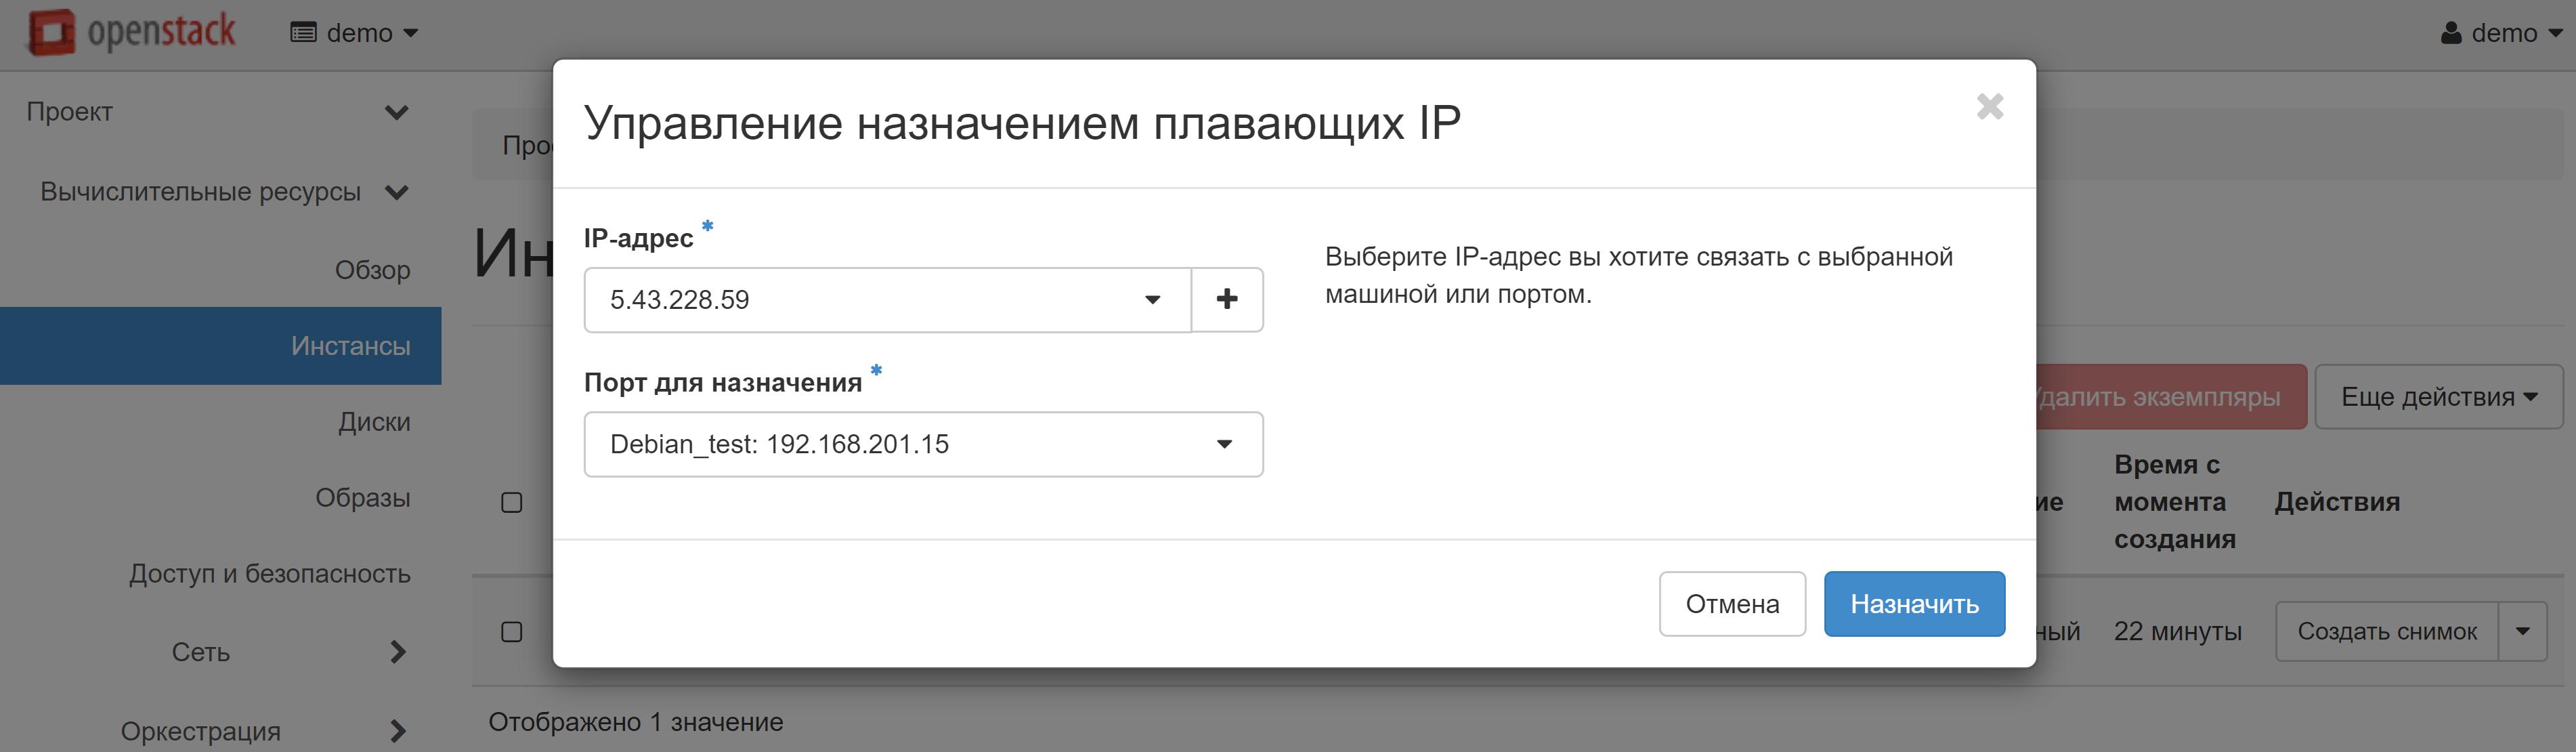 Управление назначением плавающих IP